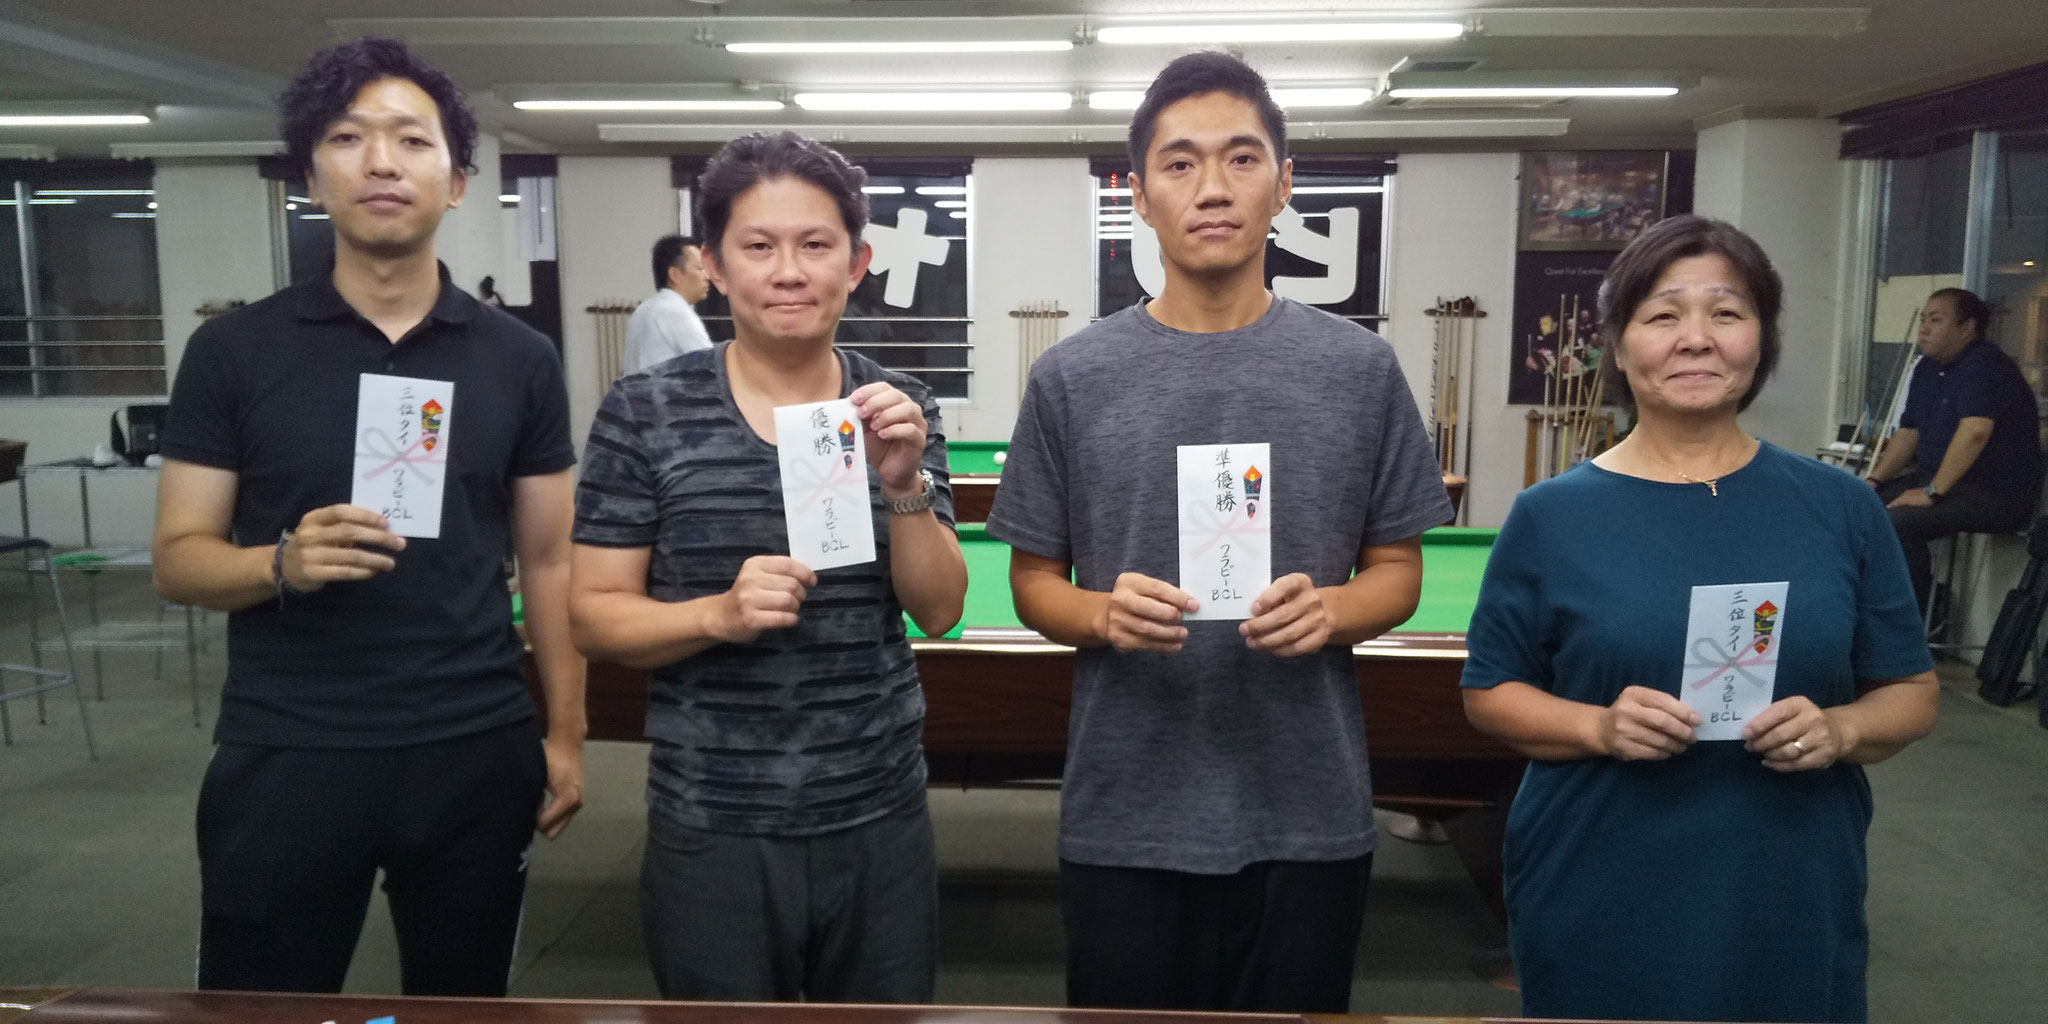 西村さん(3) 園田さん(1) 鶴野さん(2) リツコさん(3)